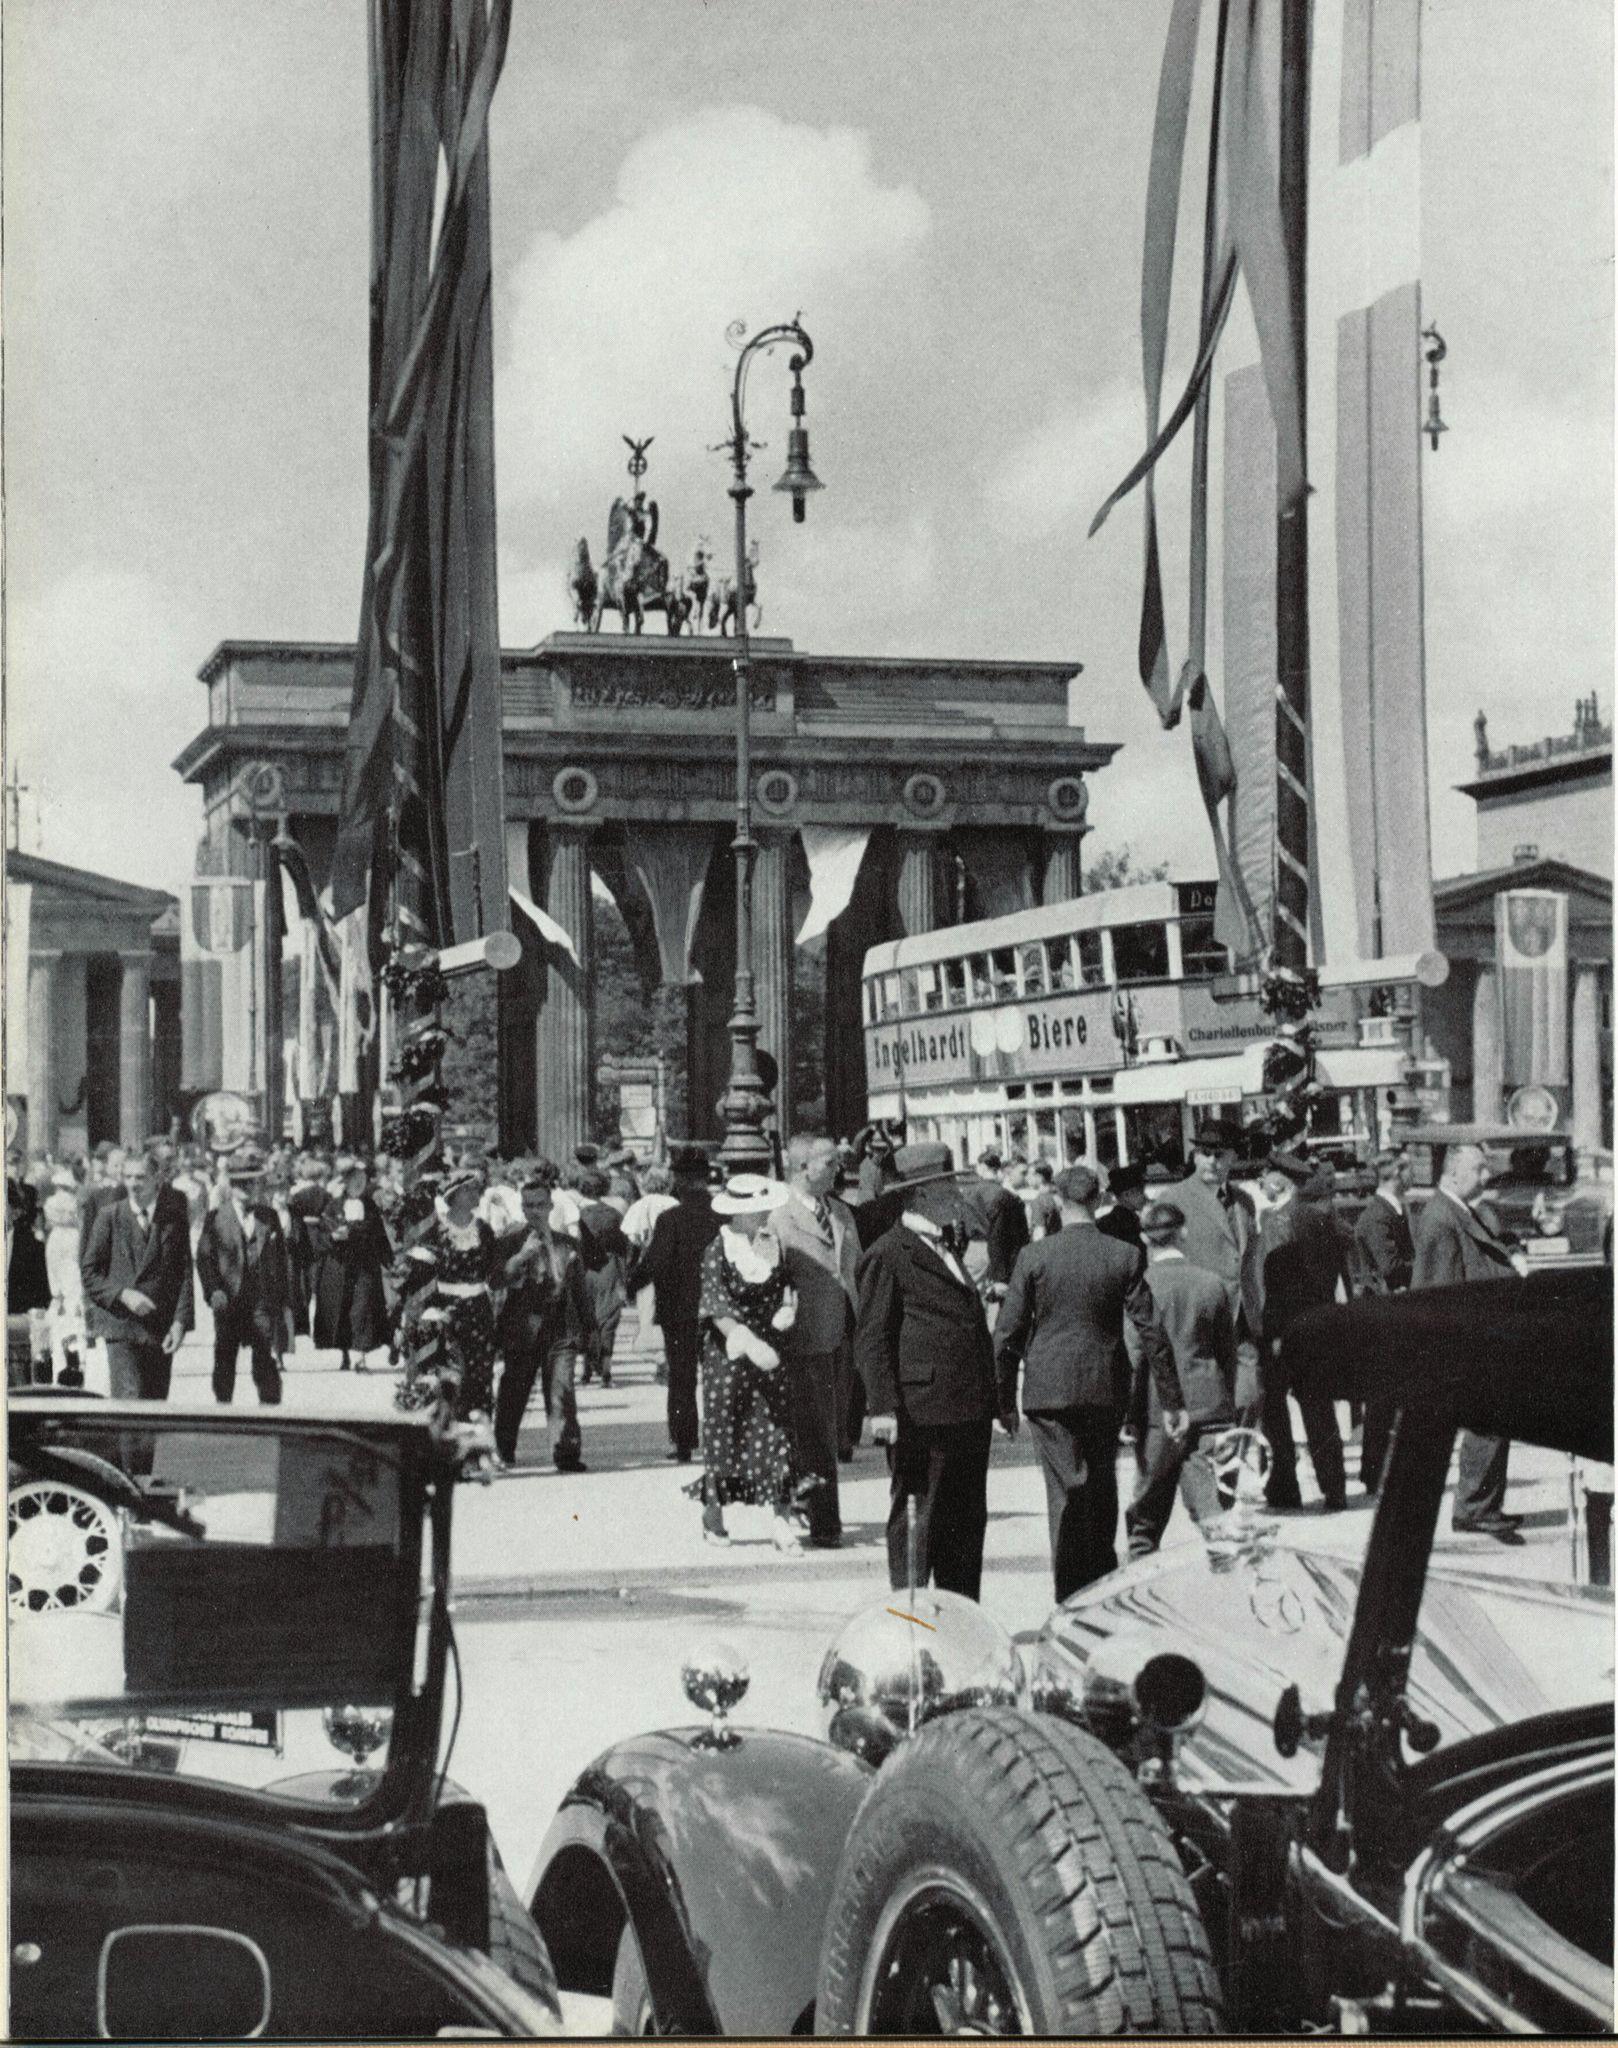 Anlasslich Der 22 Iaa Im Fruhjahr 1931 Automobile Am Pariser Platz Berlin 1931 O P Brandenburger Tor Berlin Geschichte Brandenburger Tor Berlin